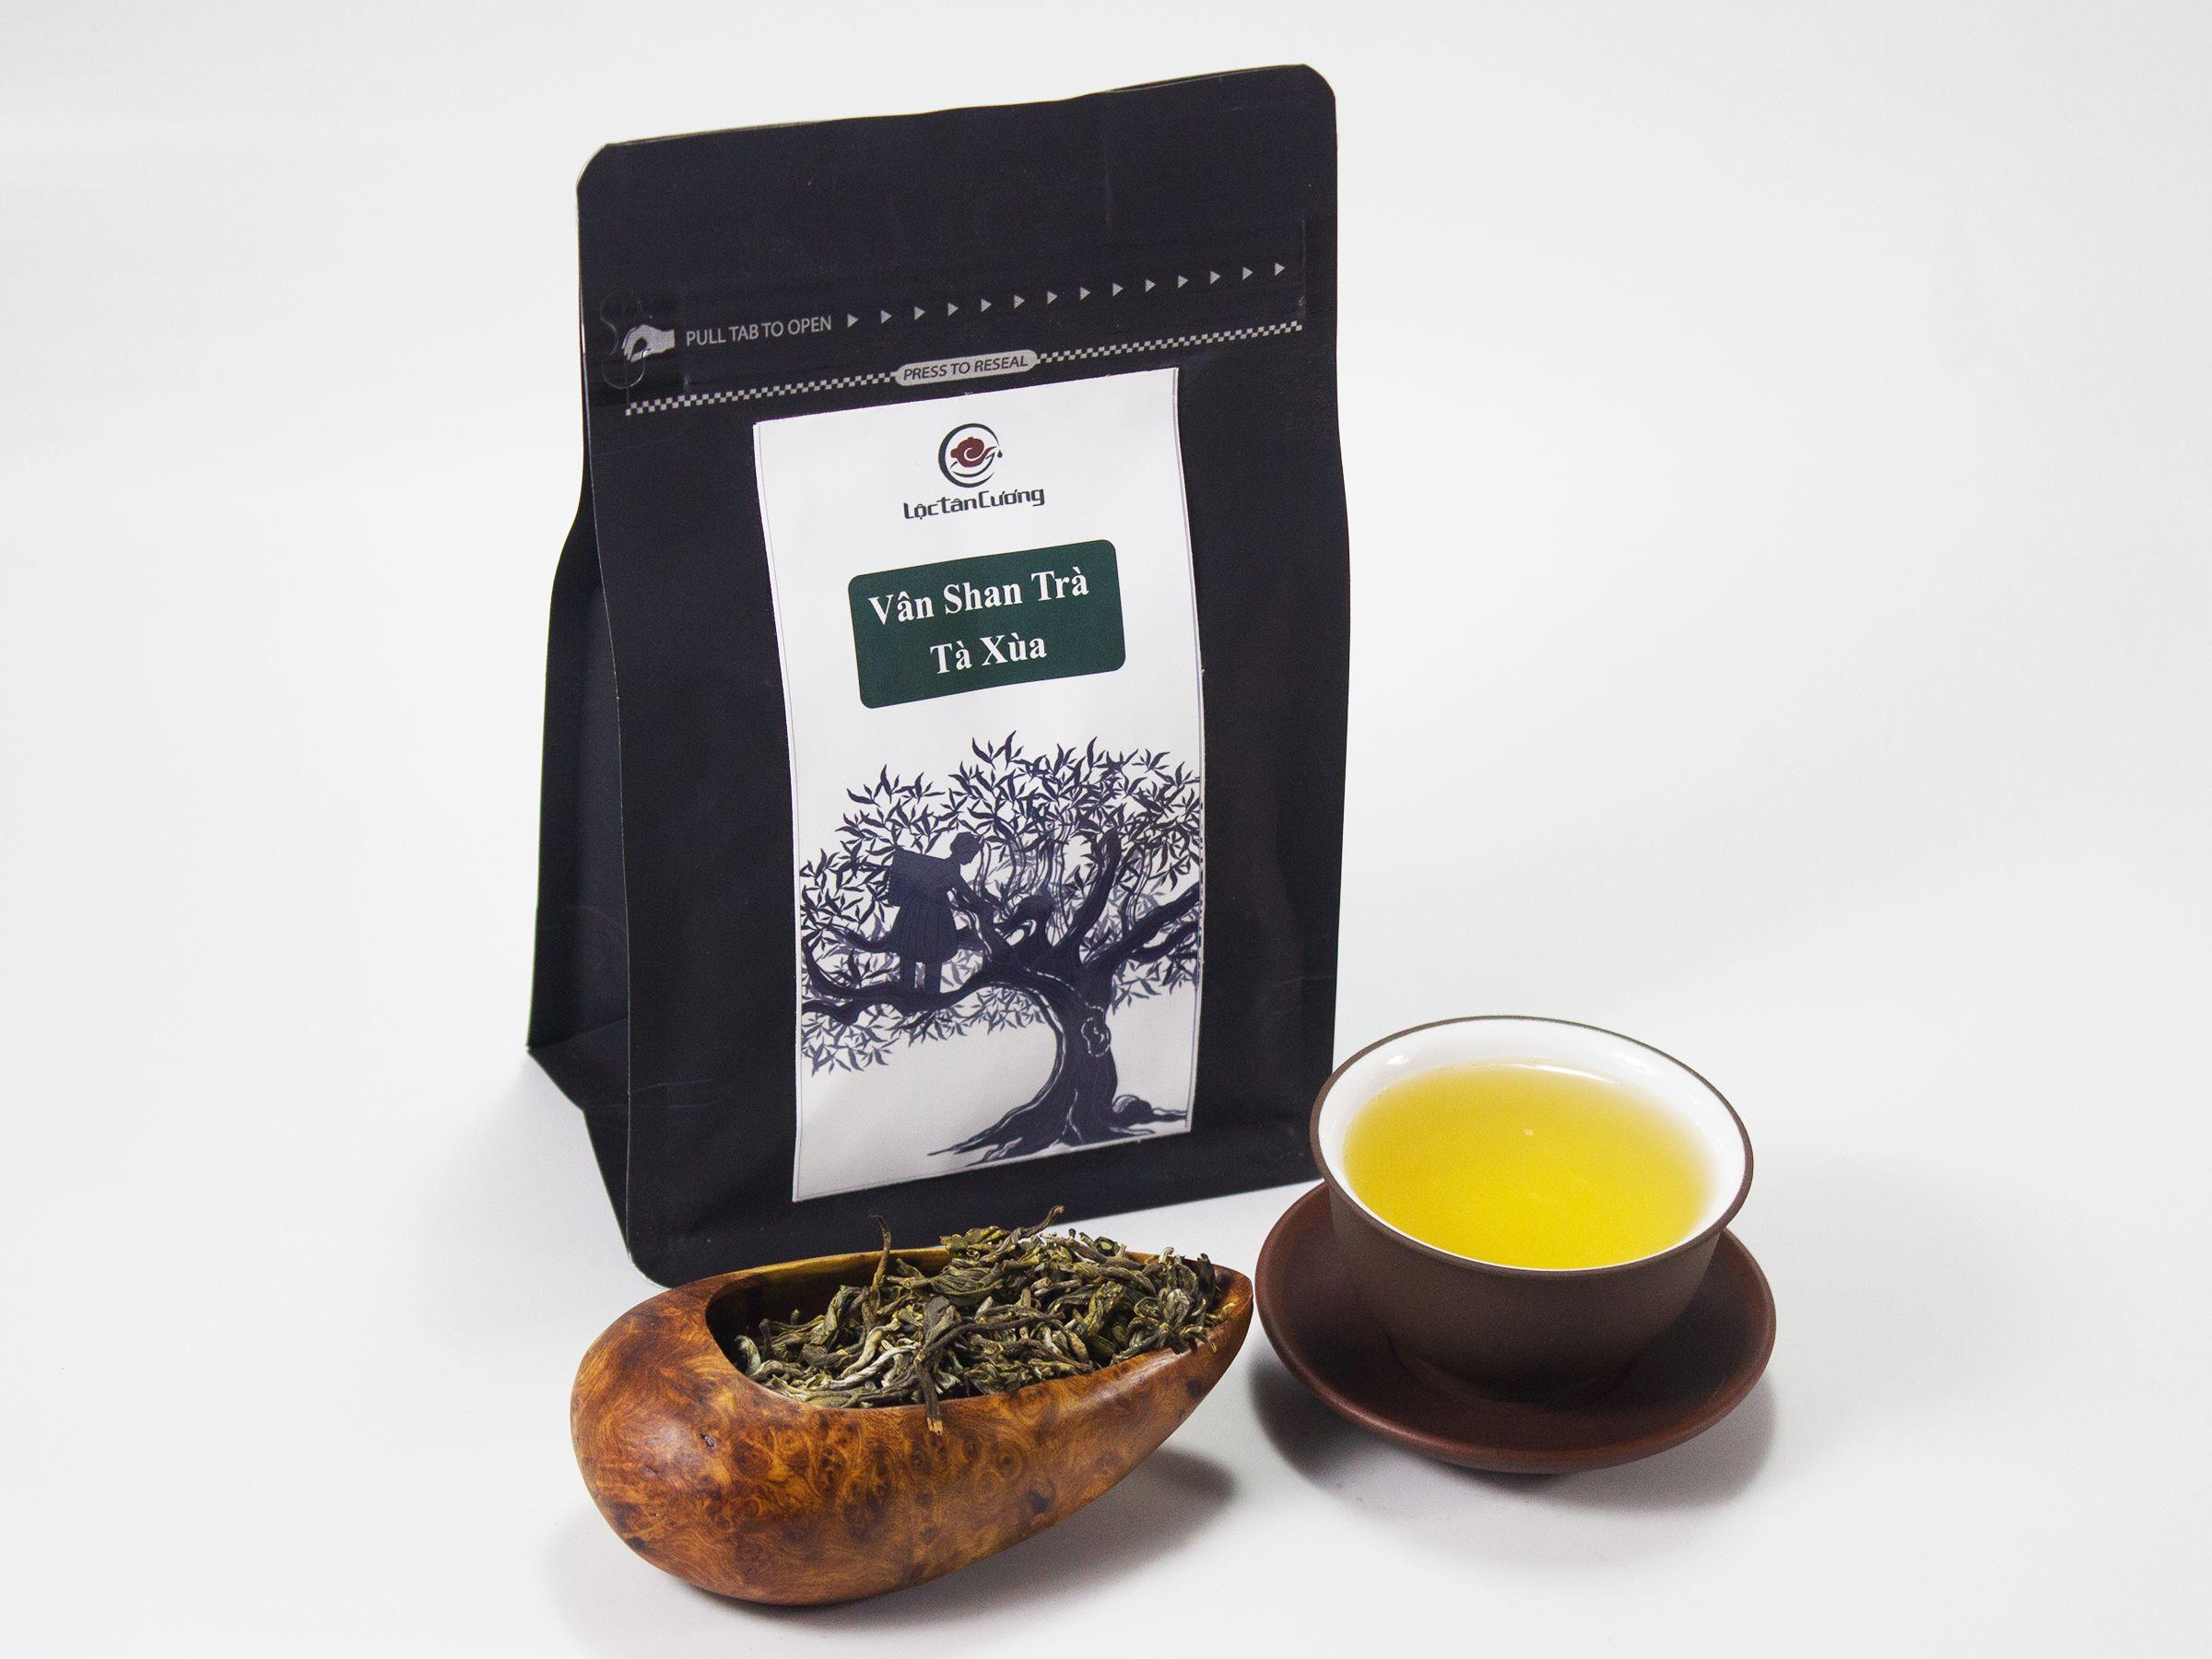 Khi pha, Trà có nước màu vàng sánh như mật ong, hương thơm đượm, vị chát dịu và êm chứ không gắt, hậu ngọt sâu, rất sâu, trà pha được 5-6 nước vẫn còn ngon